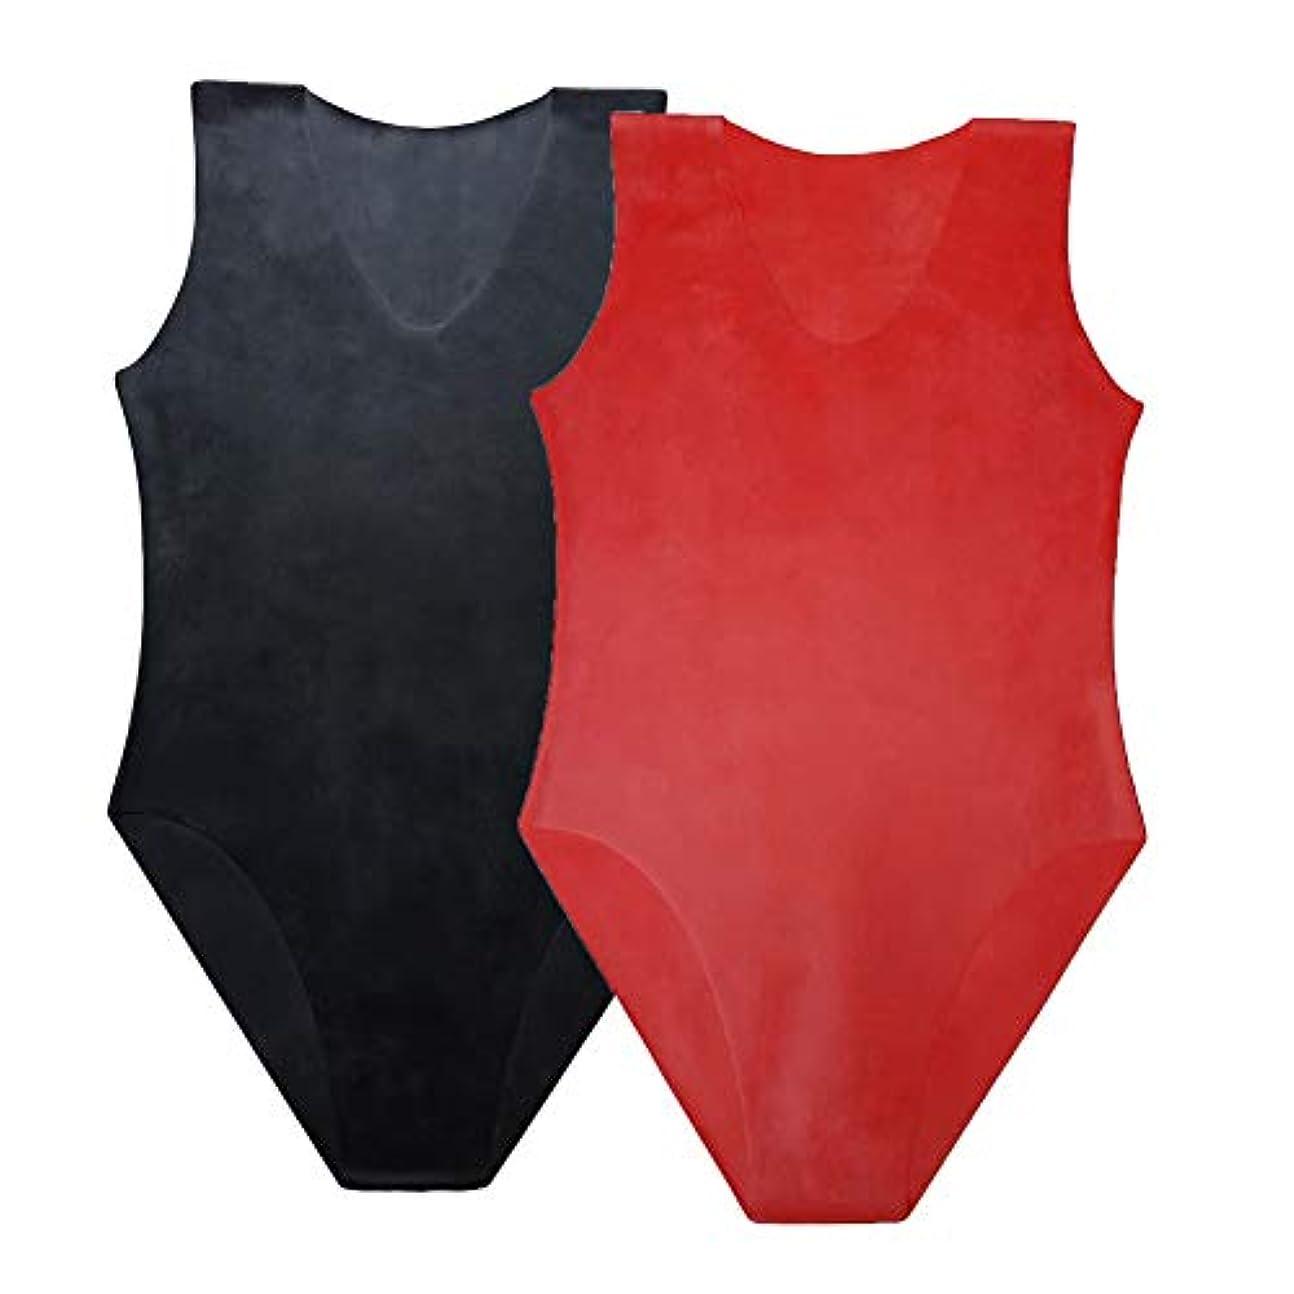 男らしい最高反発EXLATEX ラテックス ボディスーツ 女性水着 ラテックス ラバー グミ レオタード ブラック ラテックス キャットスーツ